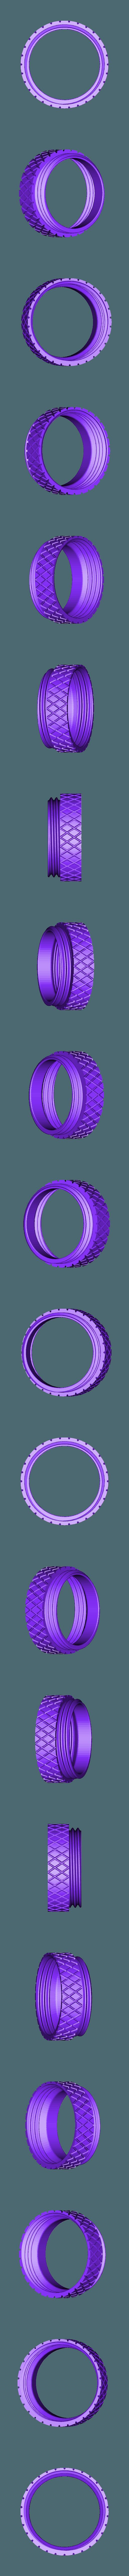 Spacer_12mm.stl Télécharger fichier STL gratuit Conteneur rond avec hauteur à l'infini • Design imprimable en 3D, VICLER